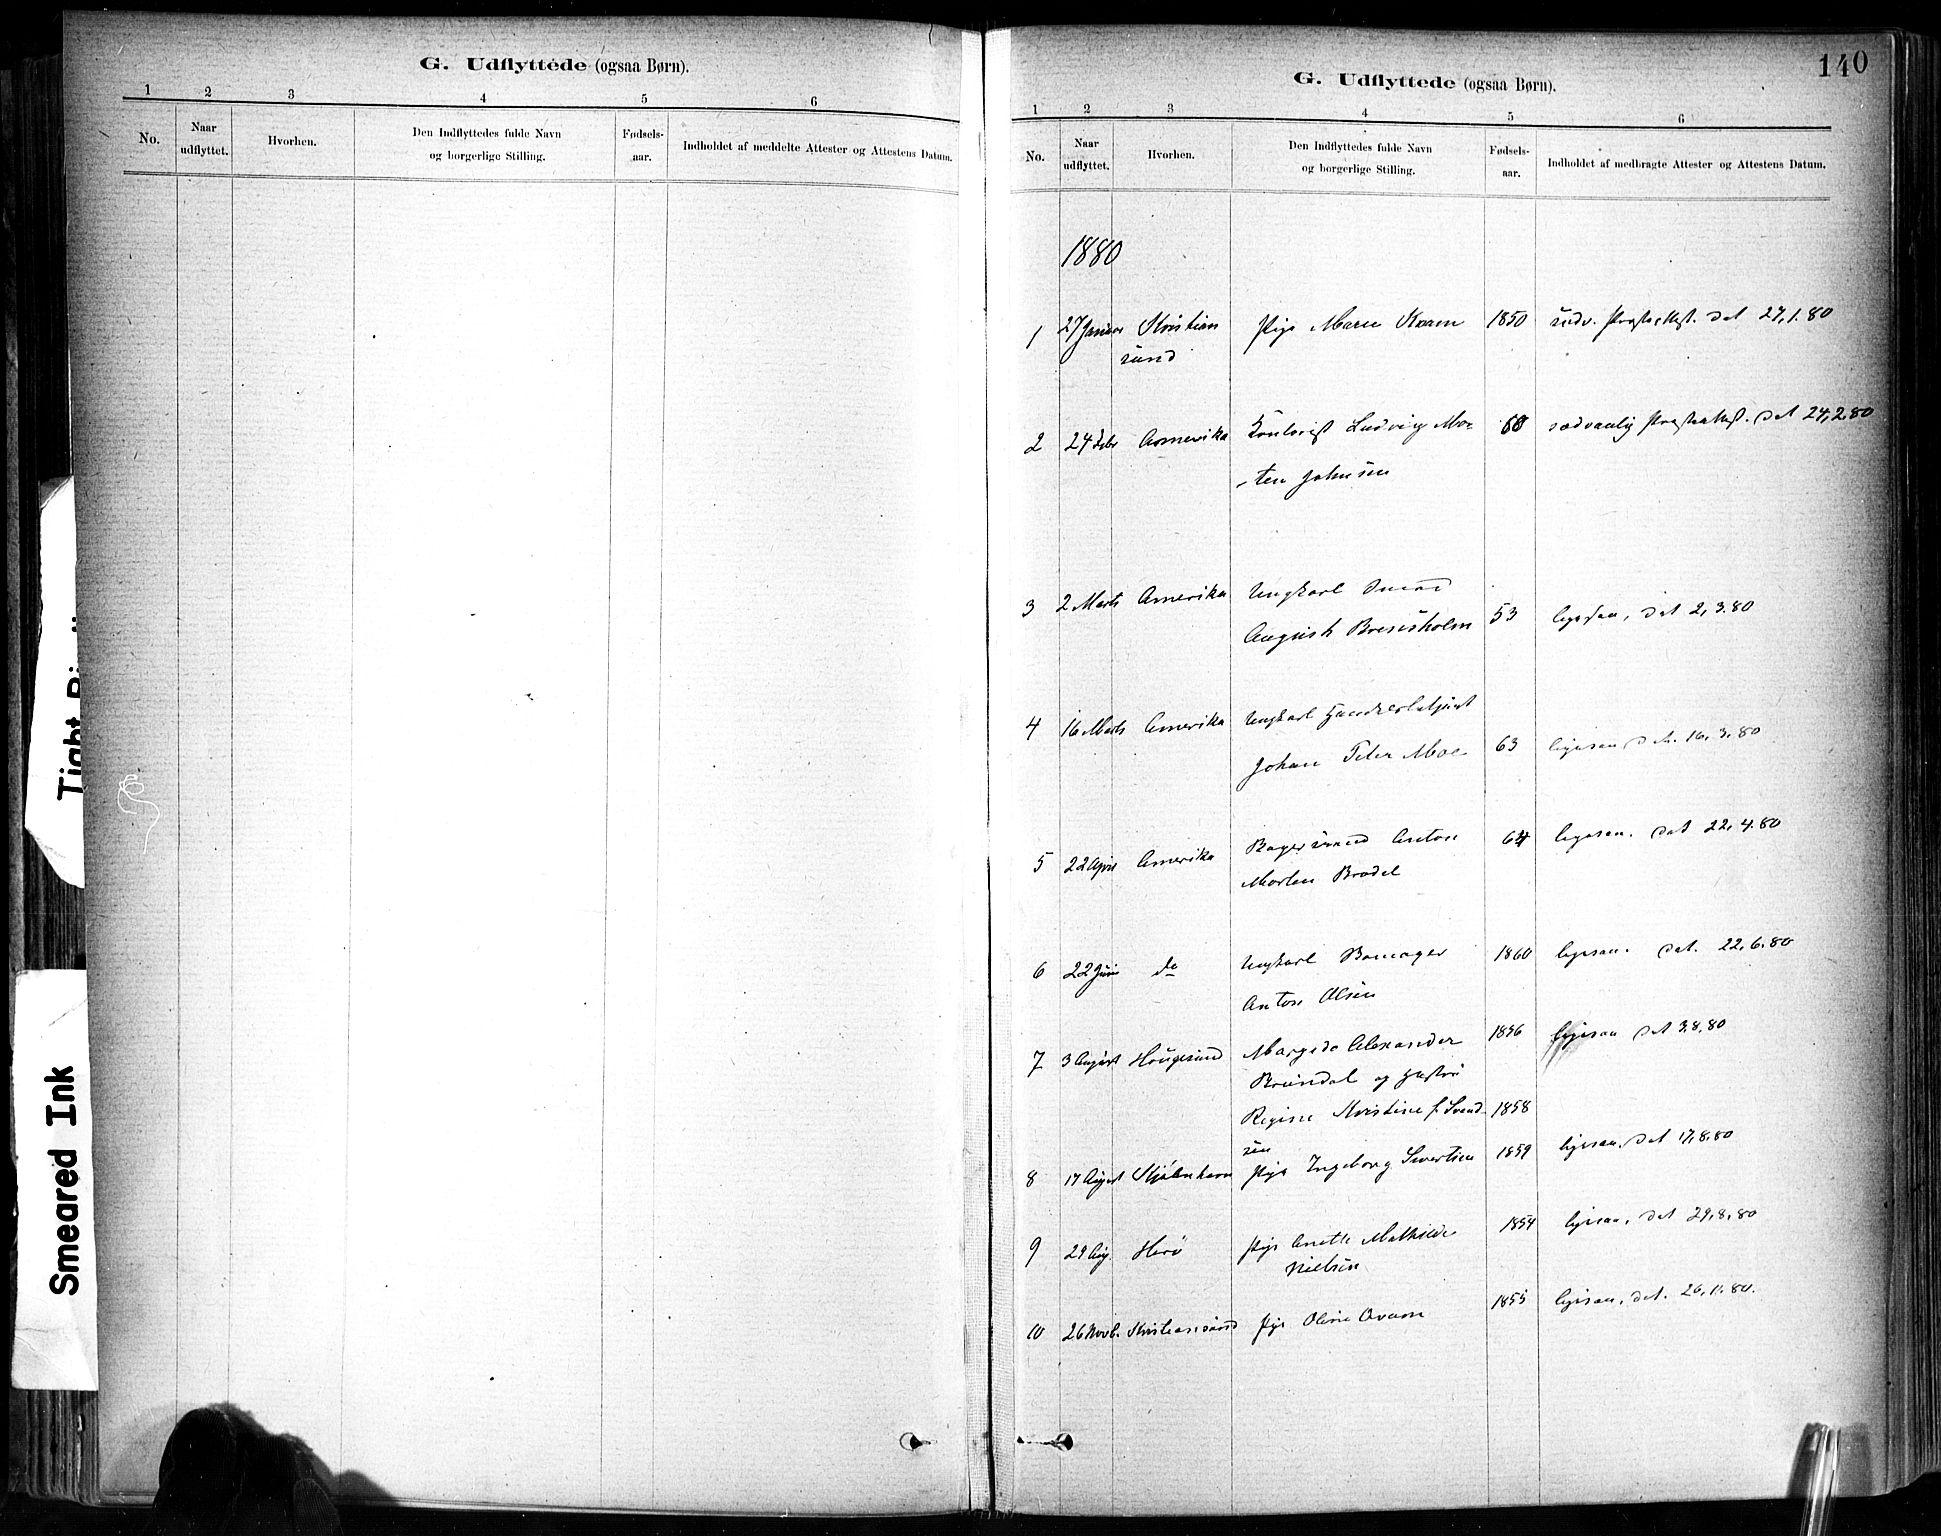 SAT, Ministerialprotokoller, klokkerbøker og fødselsregistre - Sør-Trøndelag, 602/L0120: Ministerialbok nr. 602A18, 1880-1913, s. 140